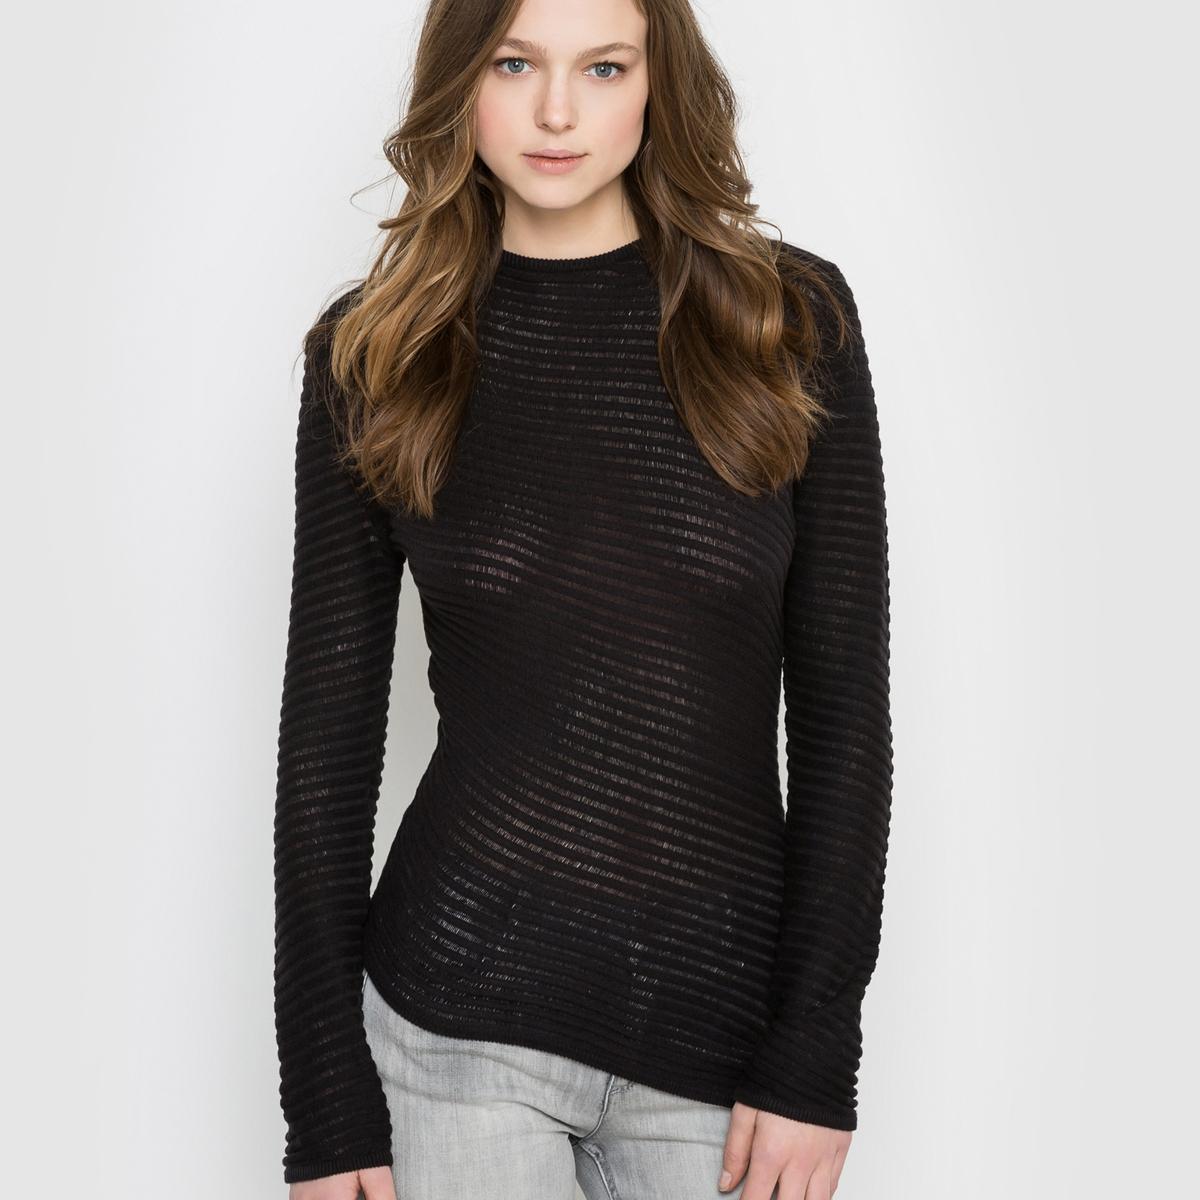 Пуловер асимметричный с длинными рукавами, круглым вырезом CHEAP MONDAY BETA KNITСостав и описание :Материал : 100% хлопкаМарка : CHEAP MONDAY.<br><br>Цвет: черный